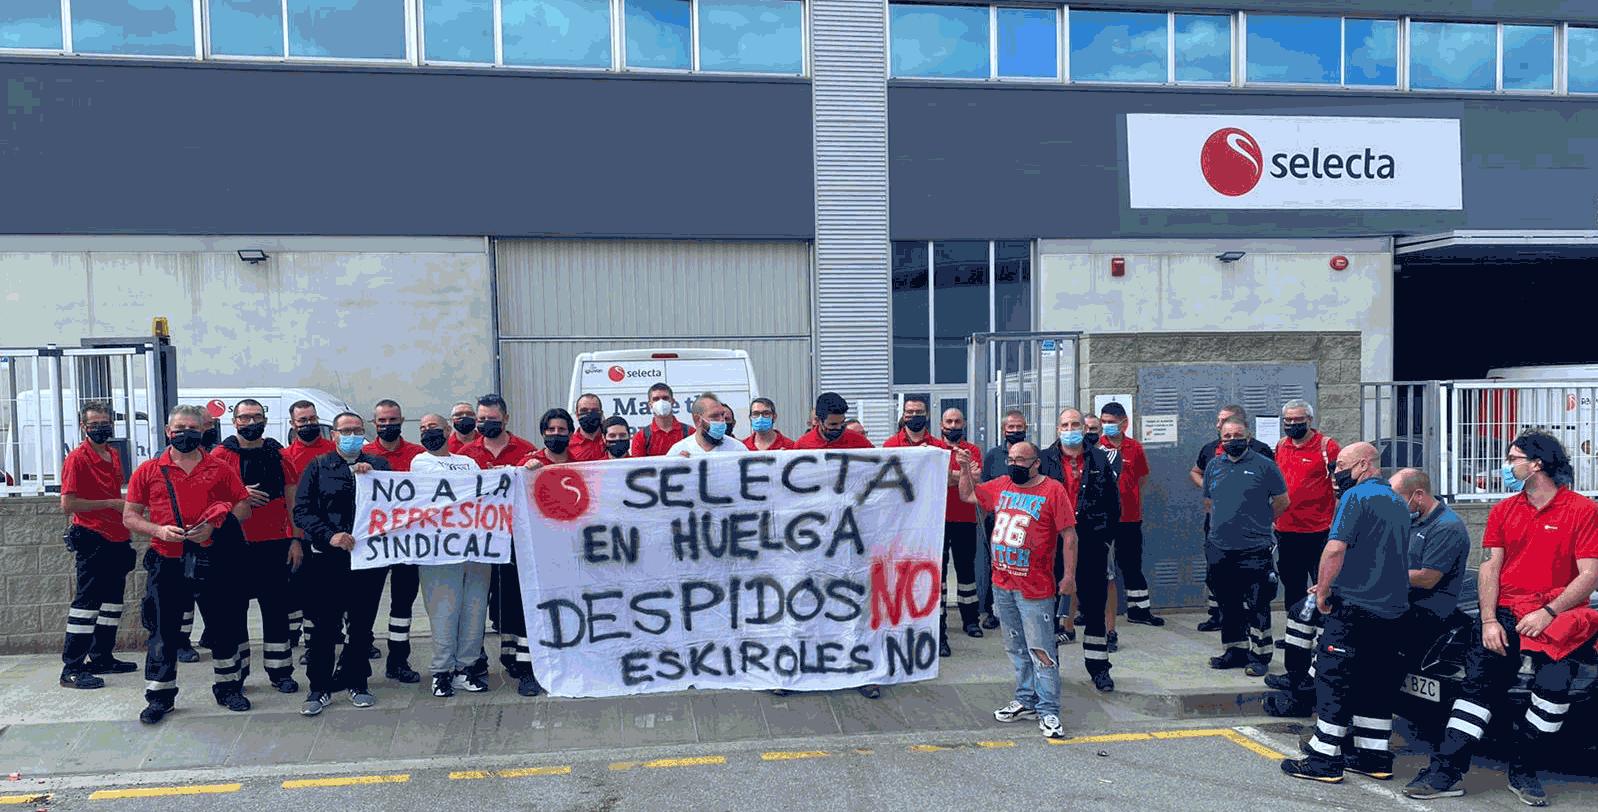 Suspendida la huelga indefinida de la multinacional del vending Selecta en Sant Boi y Sant Andreu